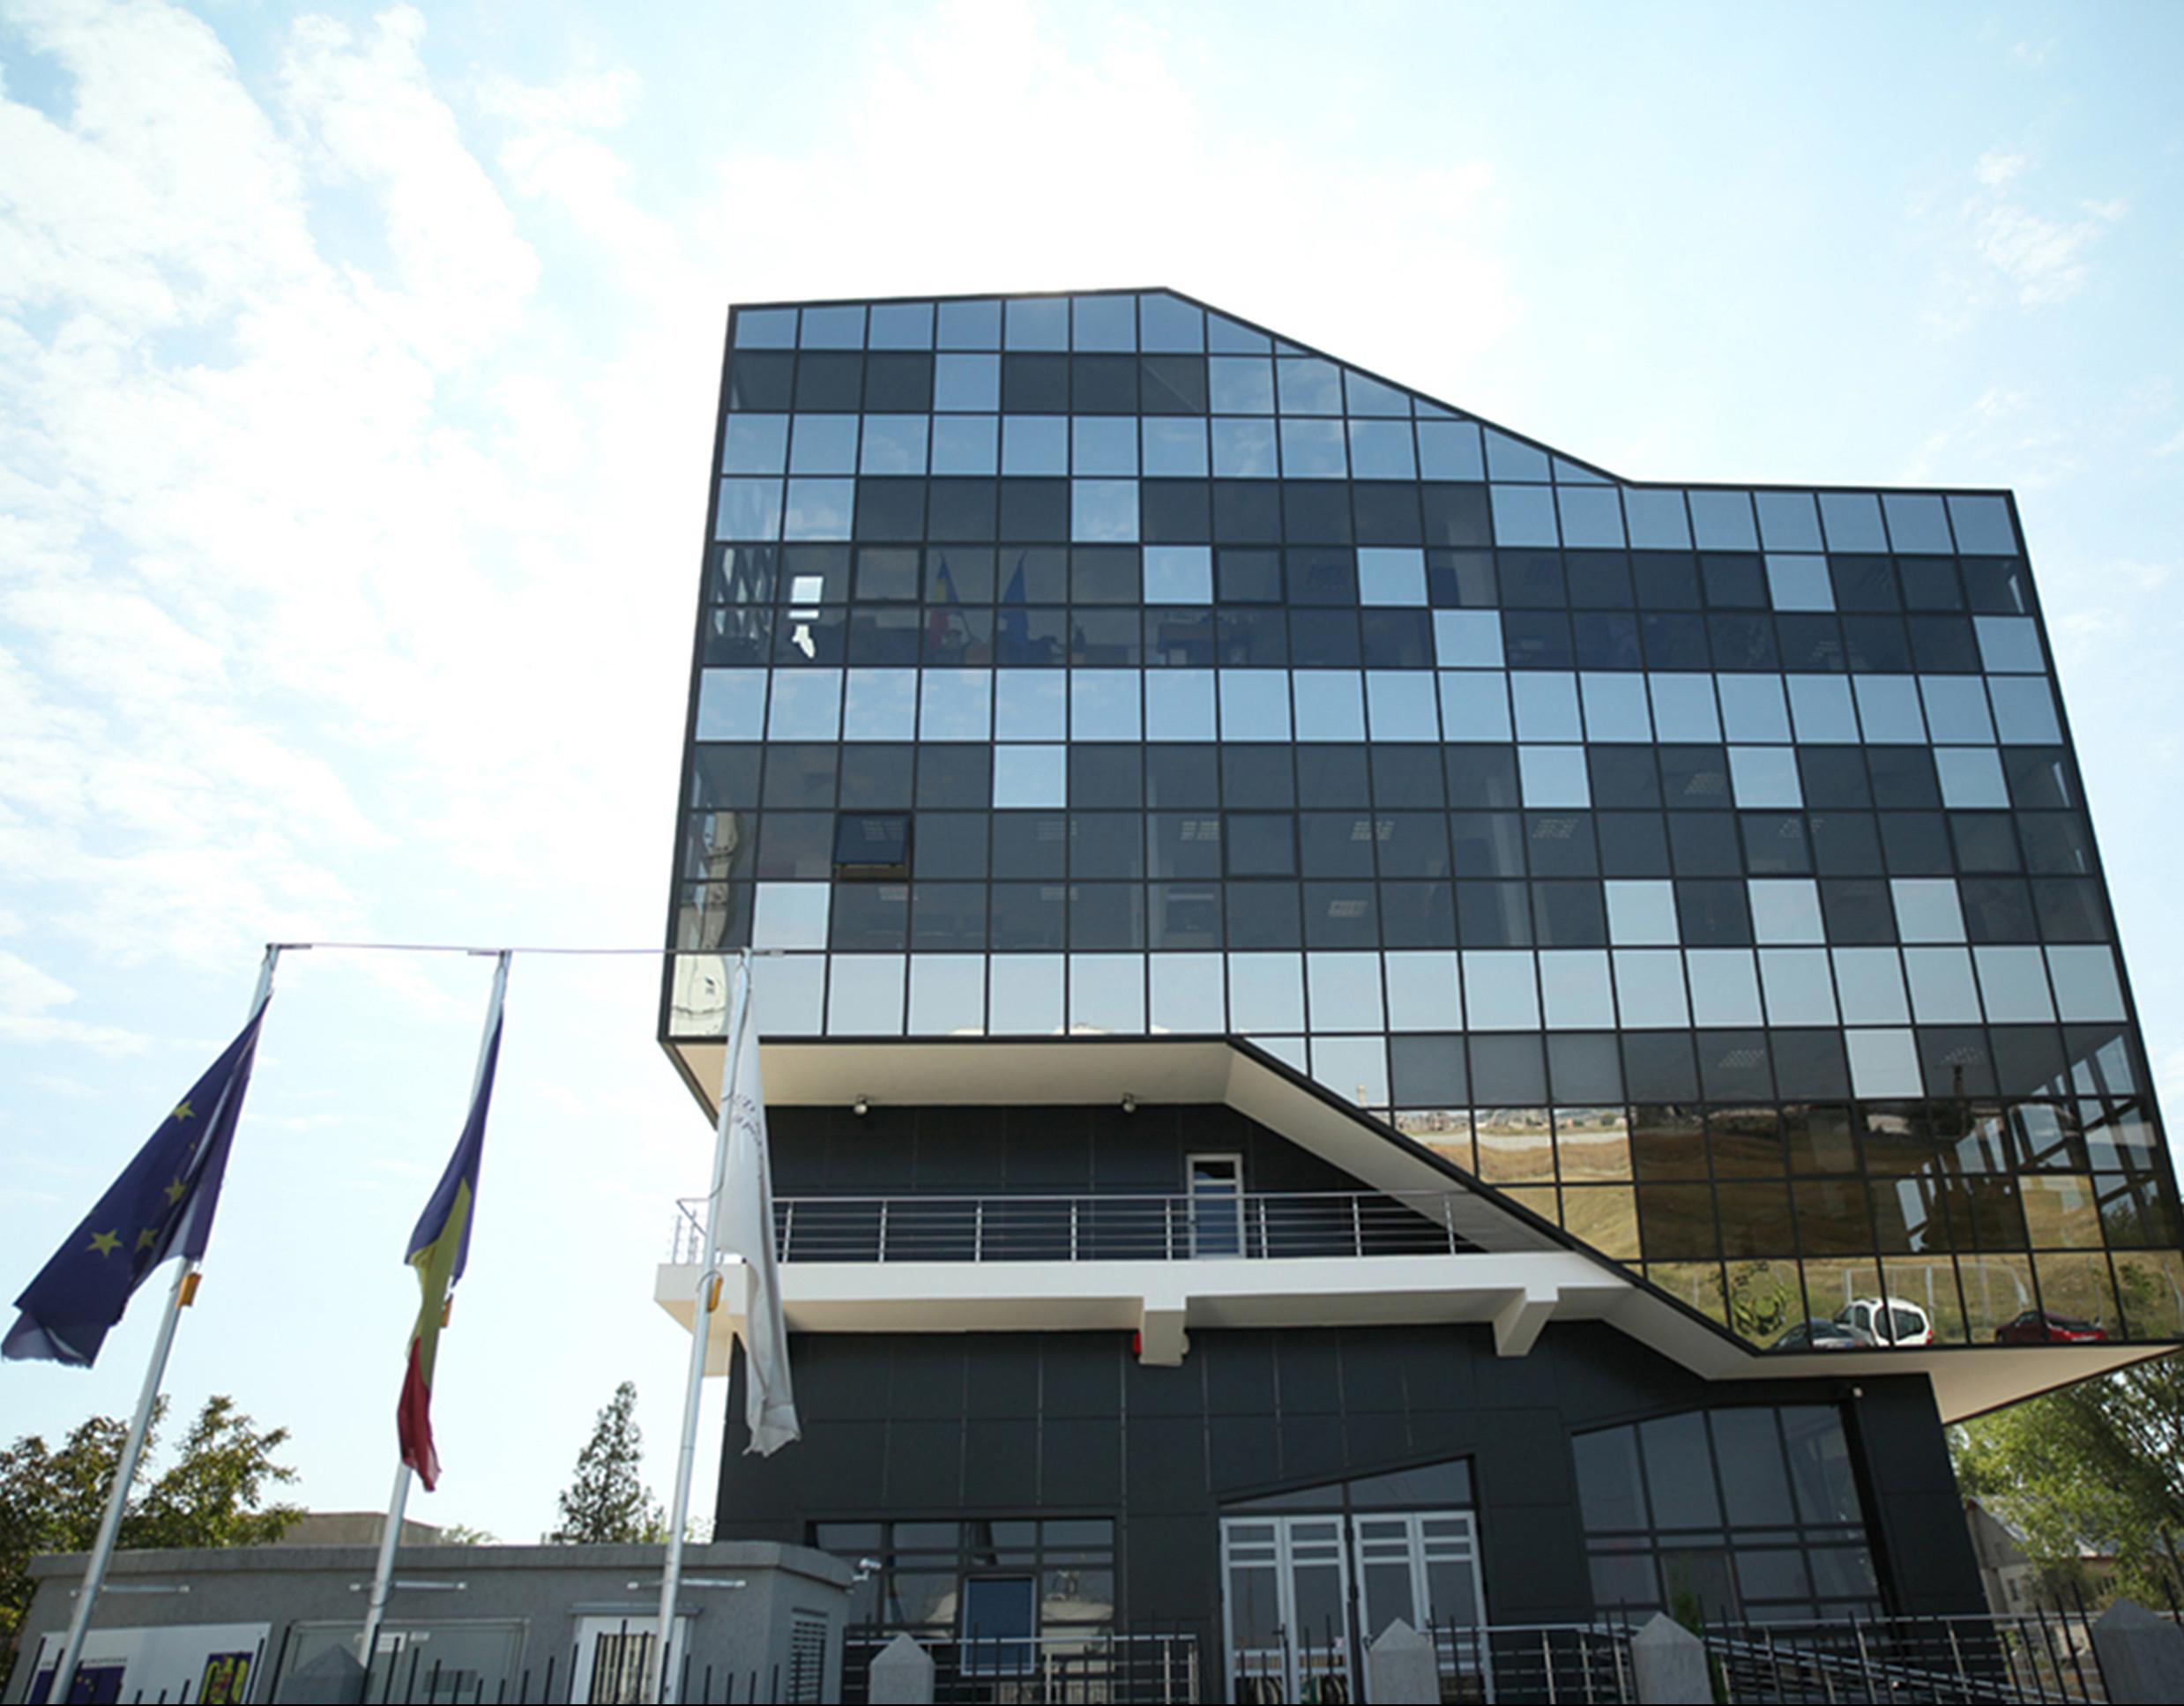 Concurs pentru ocuparea unui post de expert în cadrul Serviciului Monitorizare, Direcția Organism Intermediar POR, la biroul județean Dâmbovița, în data de 19 mai 2021